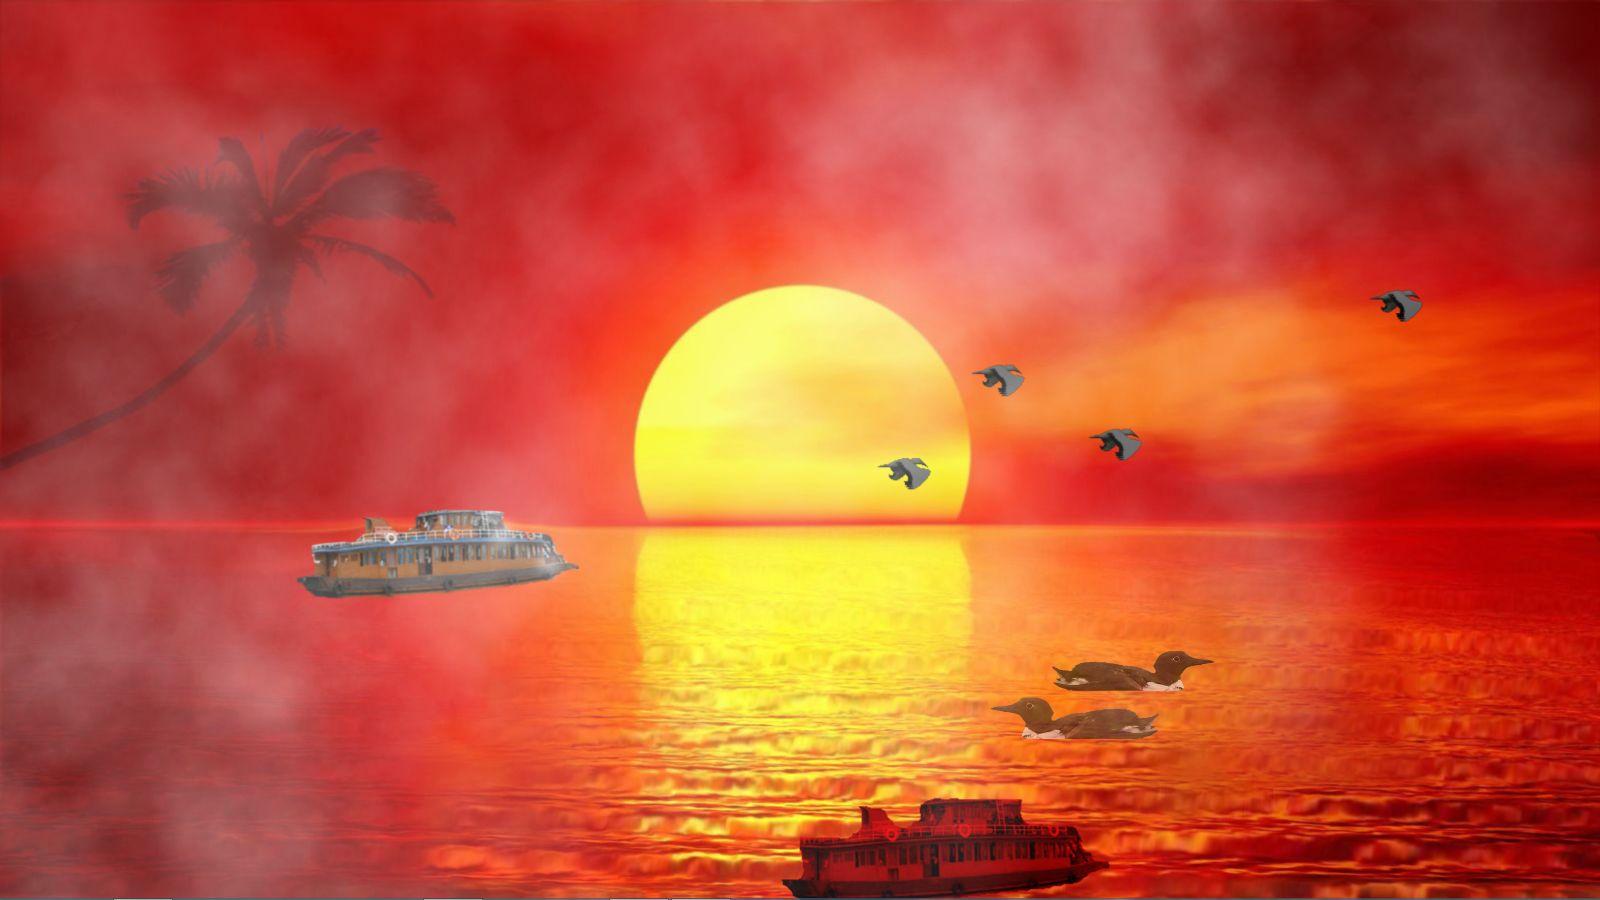 sunset-beach-telechargement